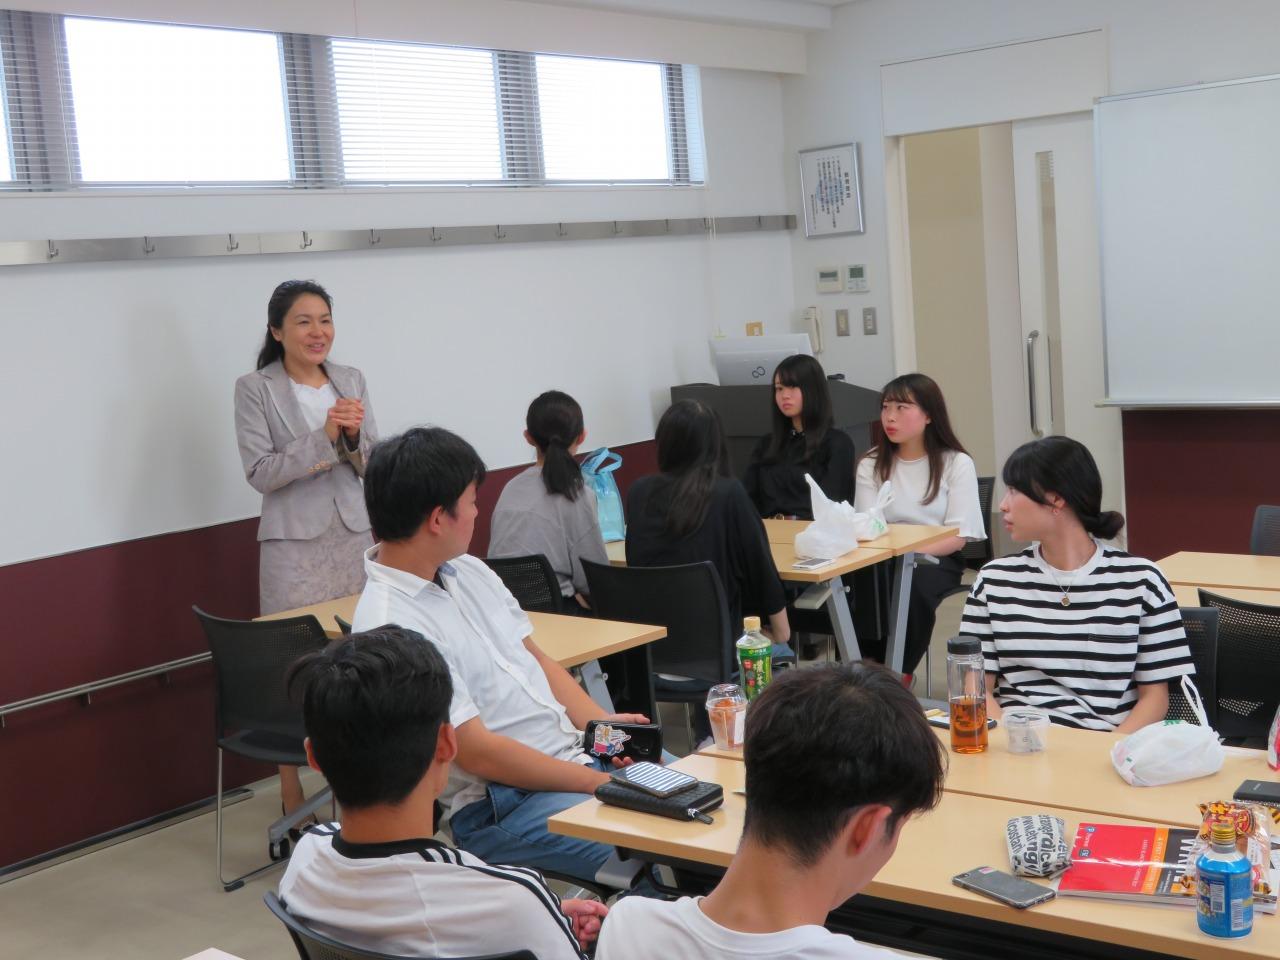 江口先生から留学に向けた英語学習のアドバイス